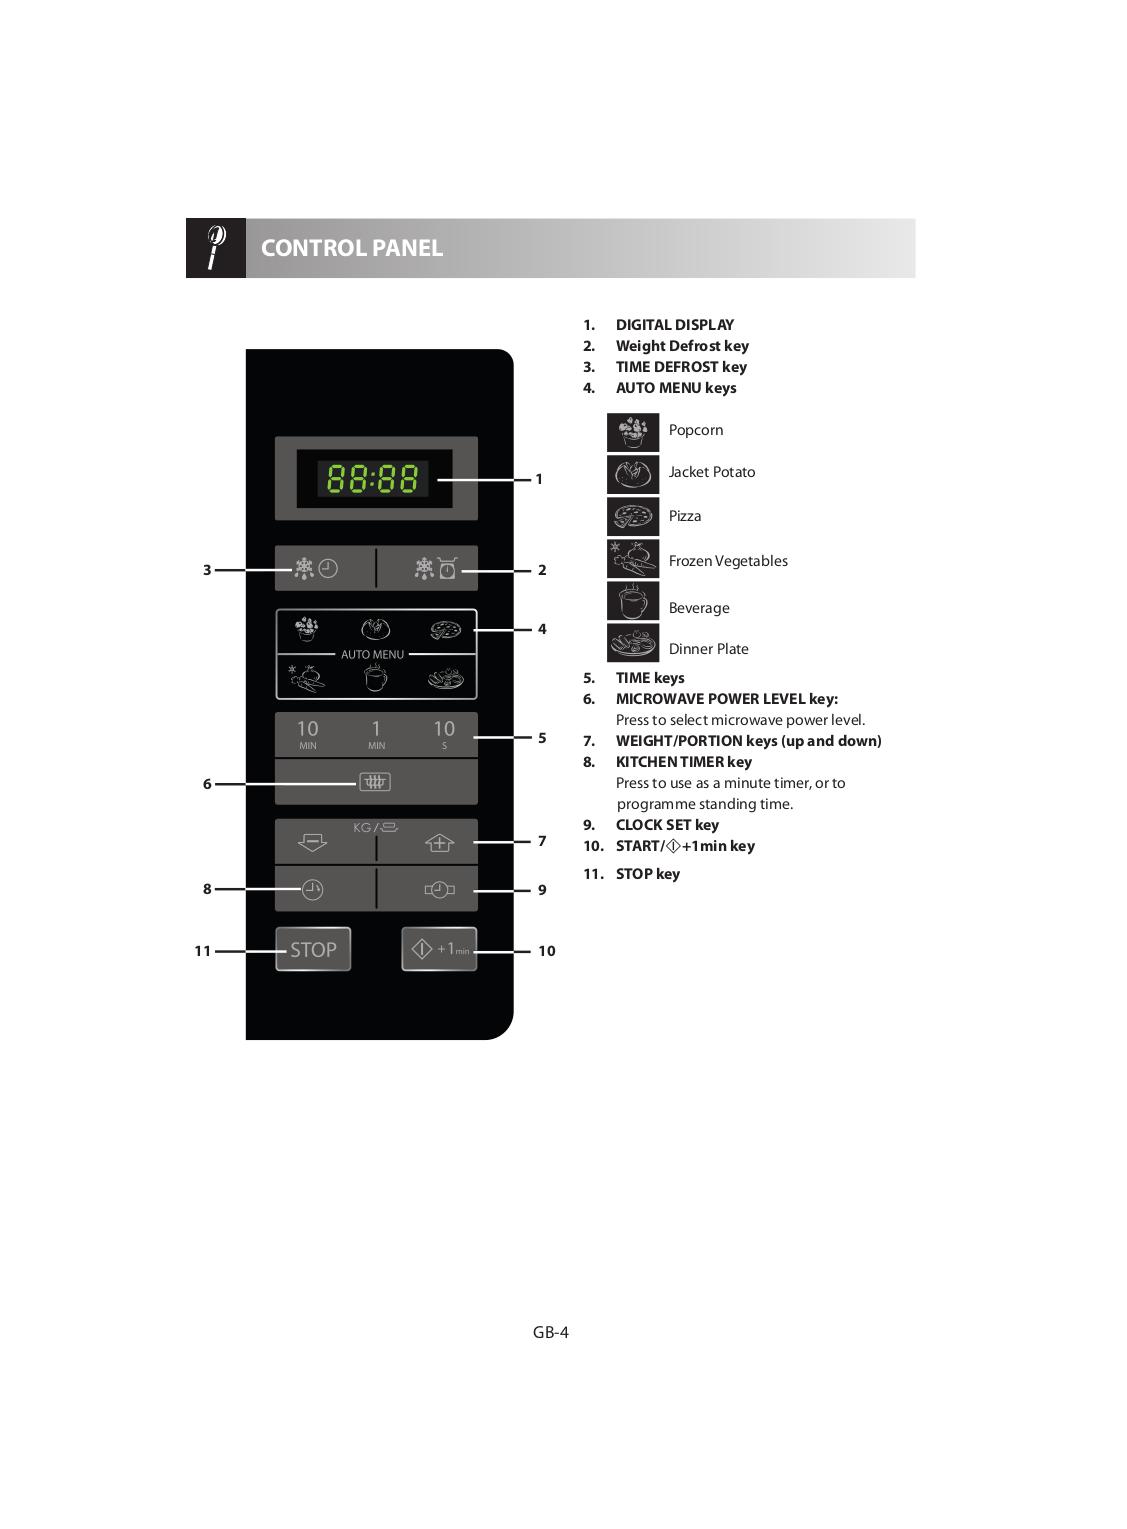 pdf manual for sharp microwave r 1500 rh umlib com KB Sharp 6525P5 Sharp ManualsOnline